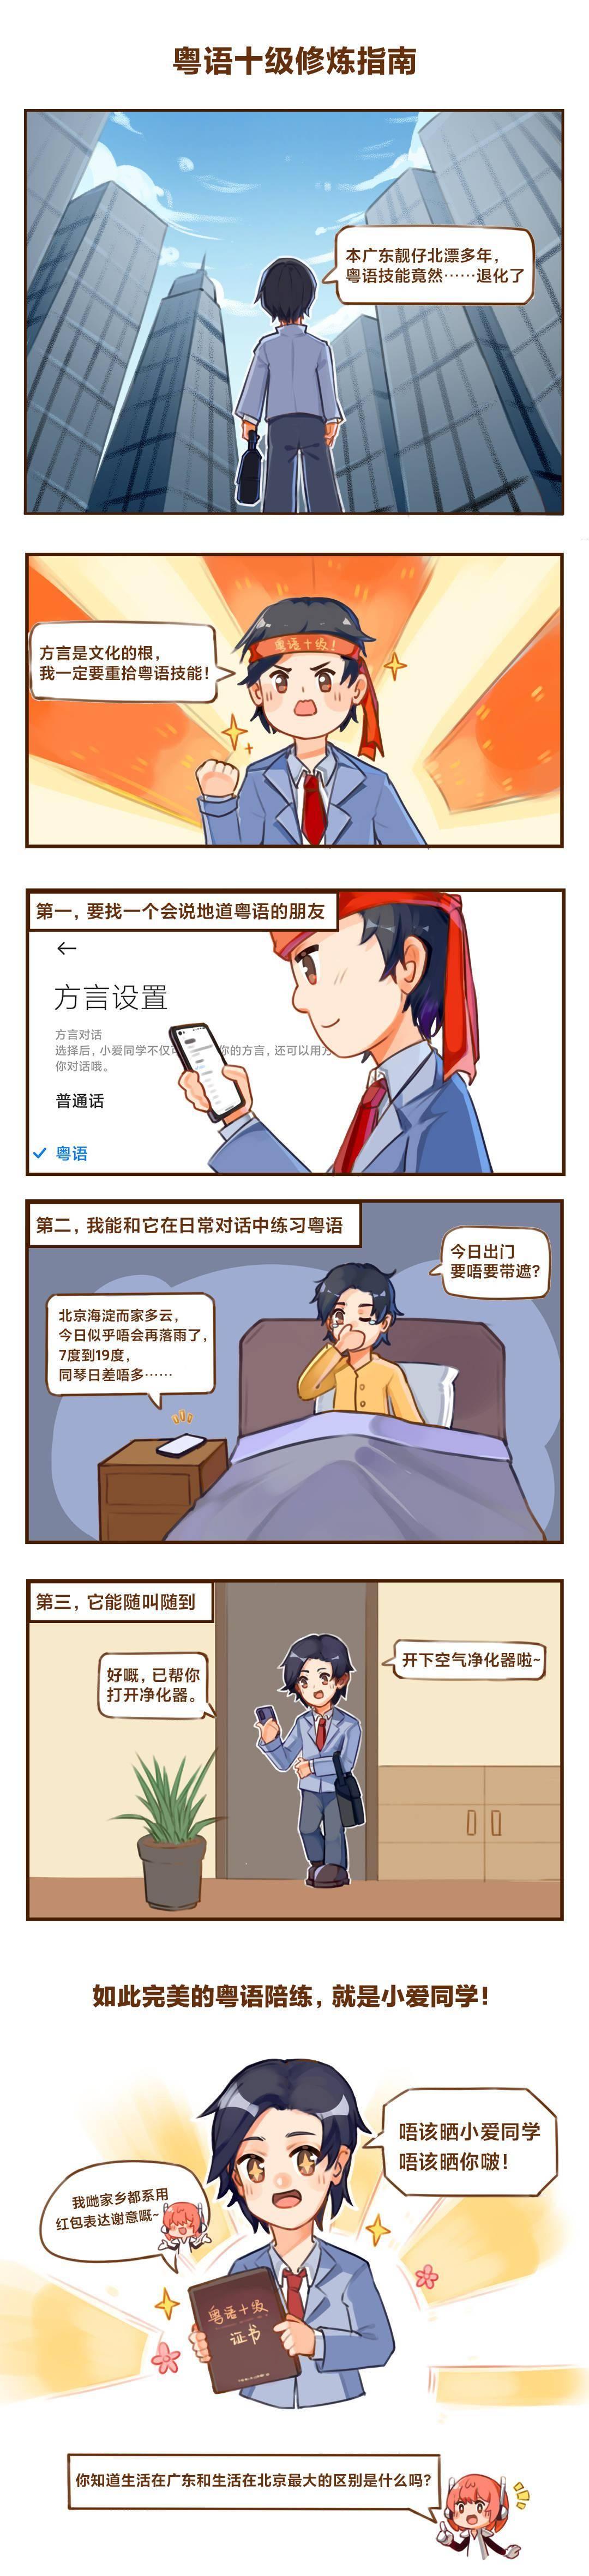 小米小爱同学粤语功能已上线手机/音箱/电视三端,可对话聊天